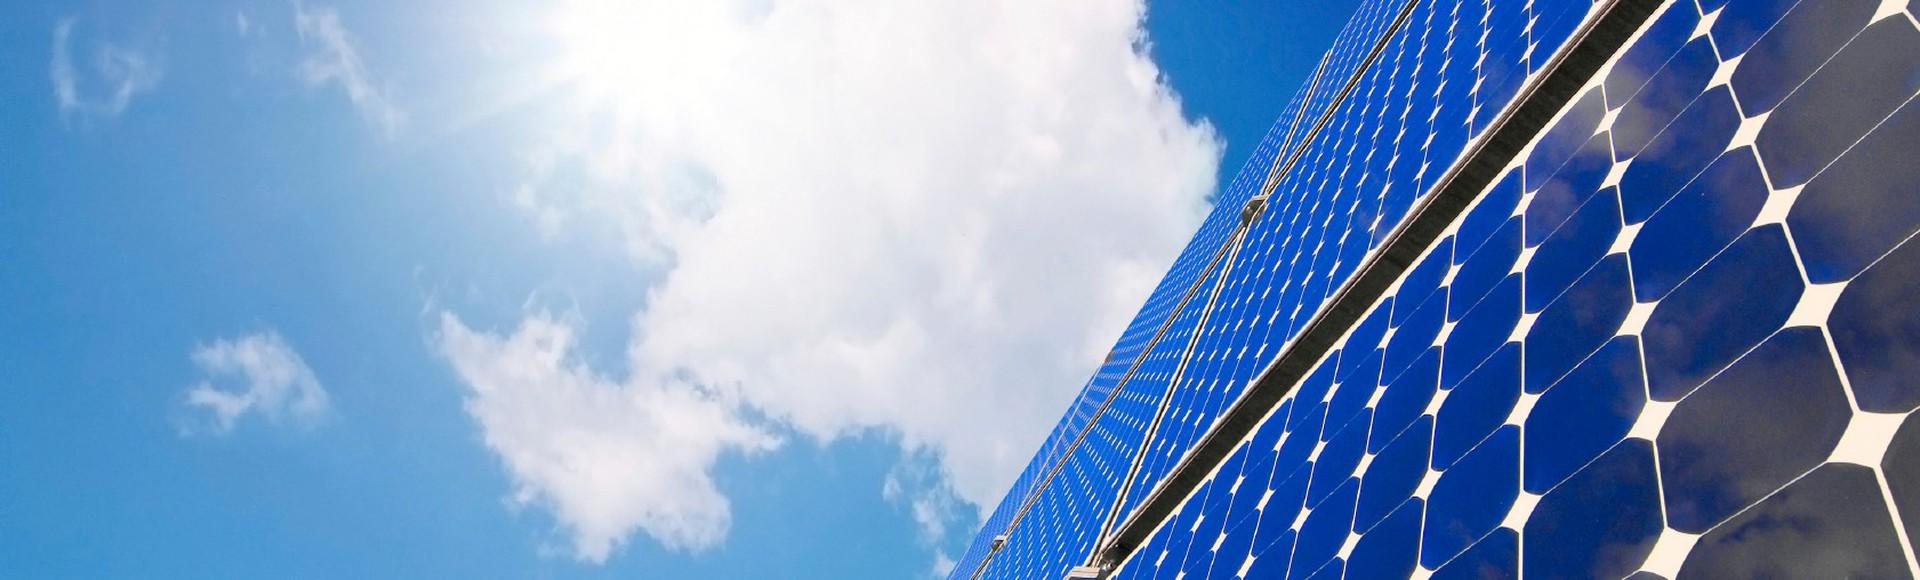 Fotovoltaico Autoconsumo – Nova Legislação, mais facilidades